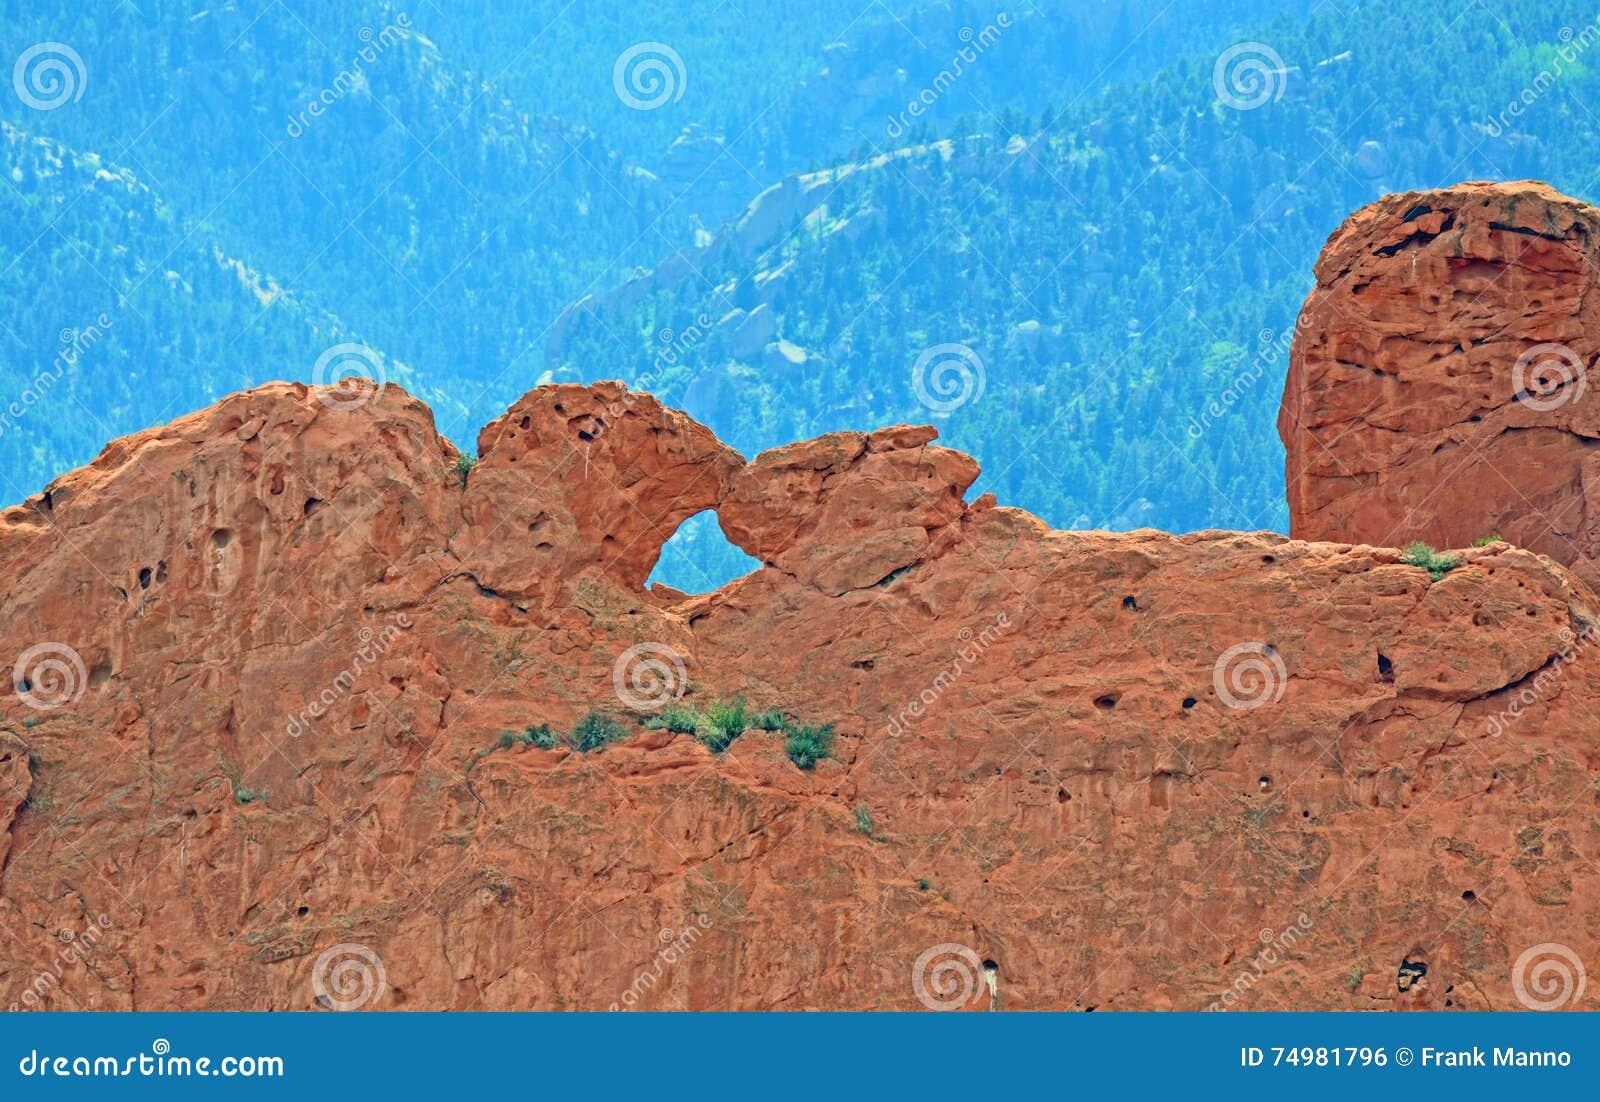 Besar Camellos Y Rocas Rojas En El Jardín De La Piedra Arenisca De ...